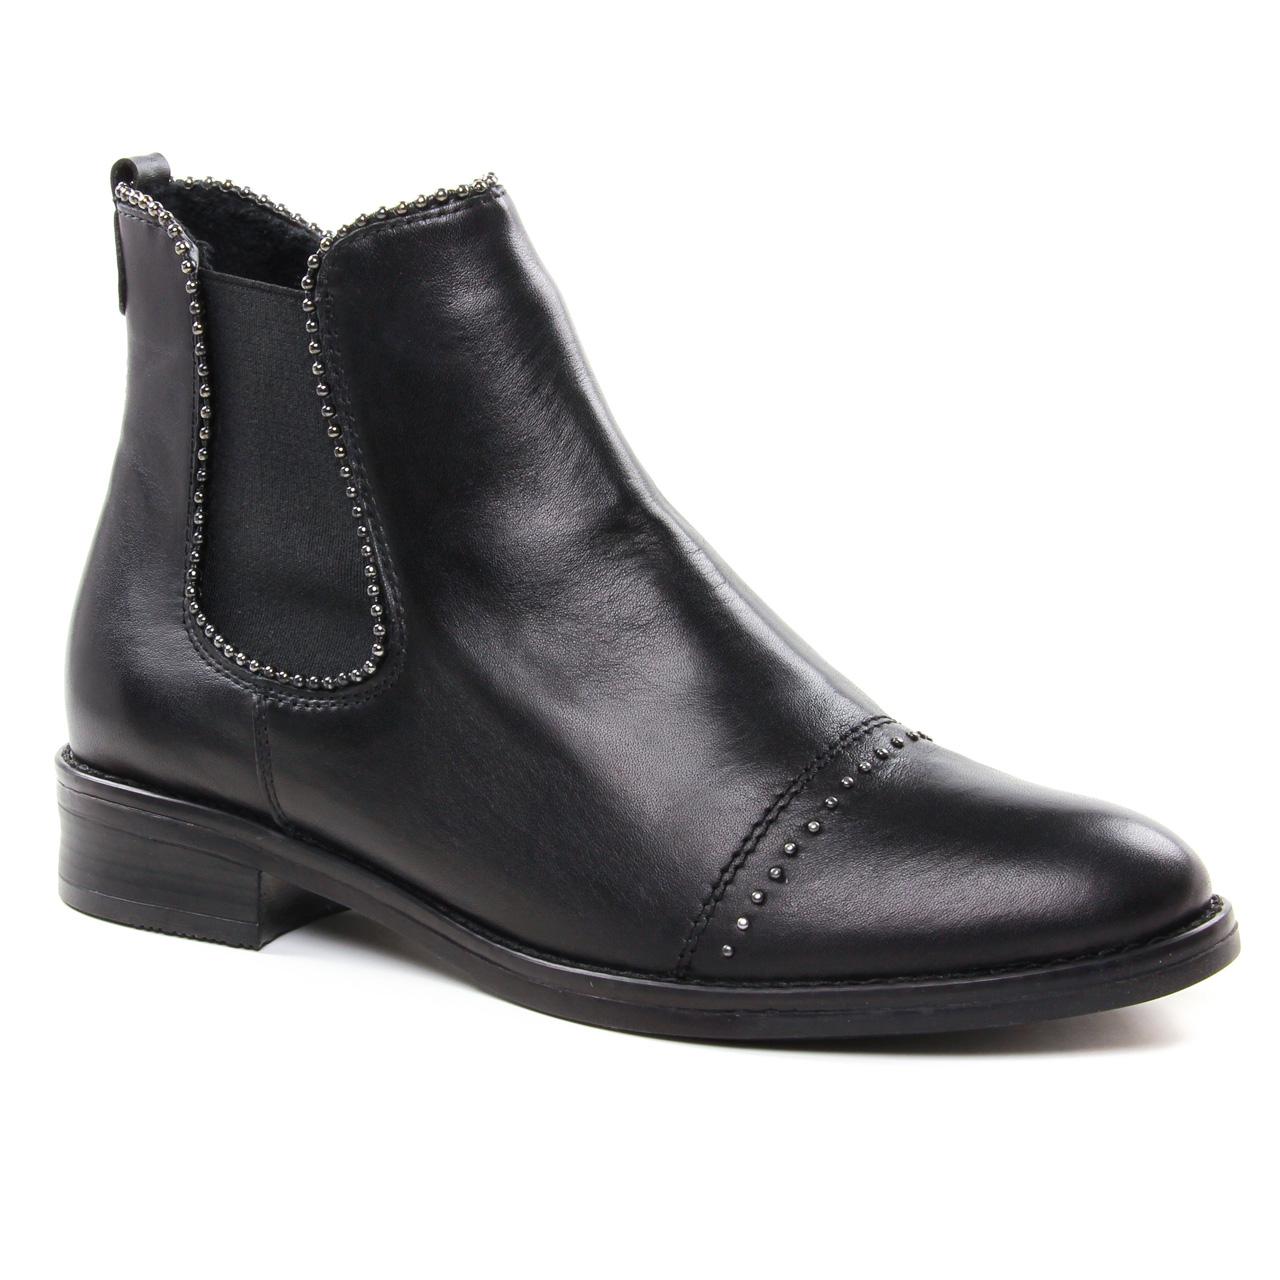 08cf554be9ee Remonte D8587 Schwarz   boot élastiquées noir automne hiver chez ...